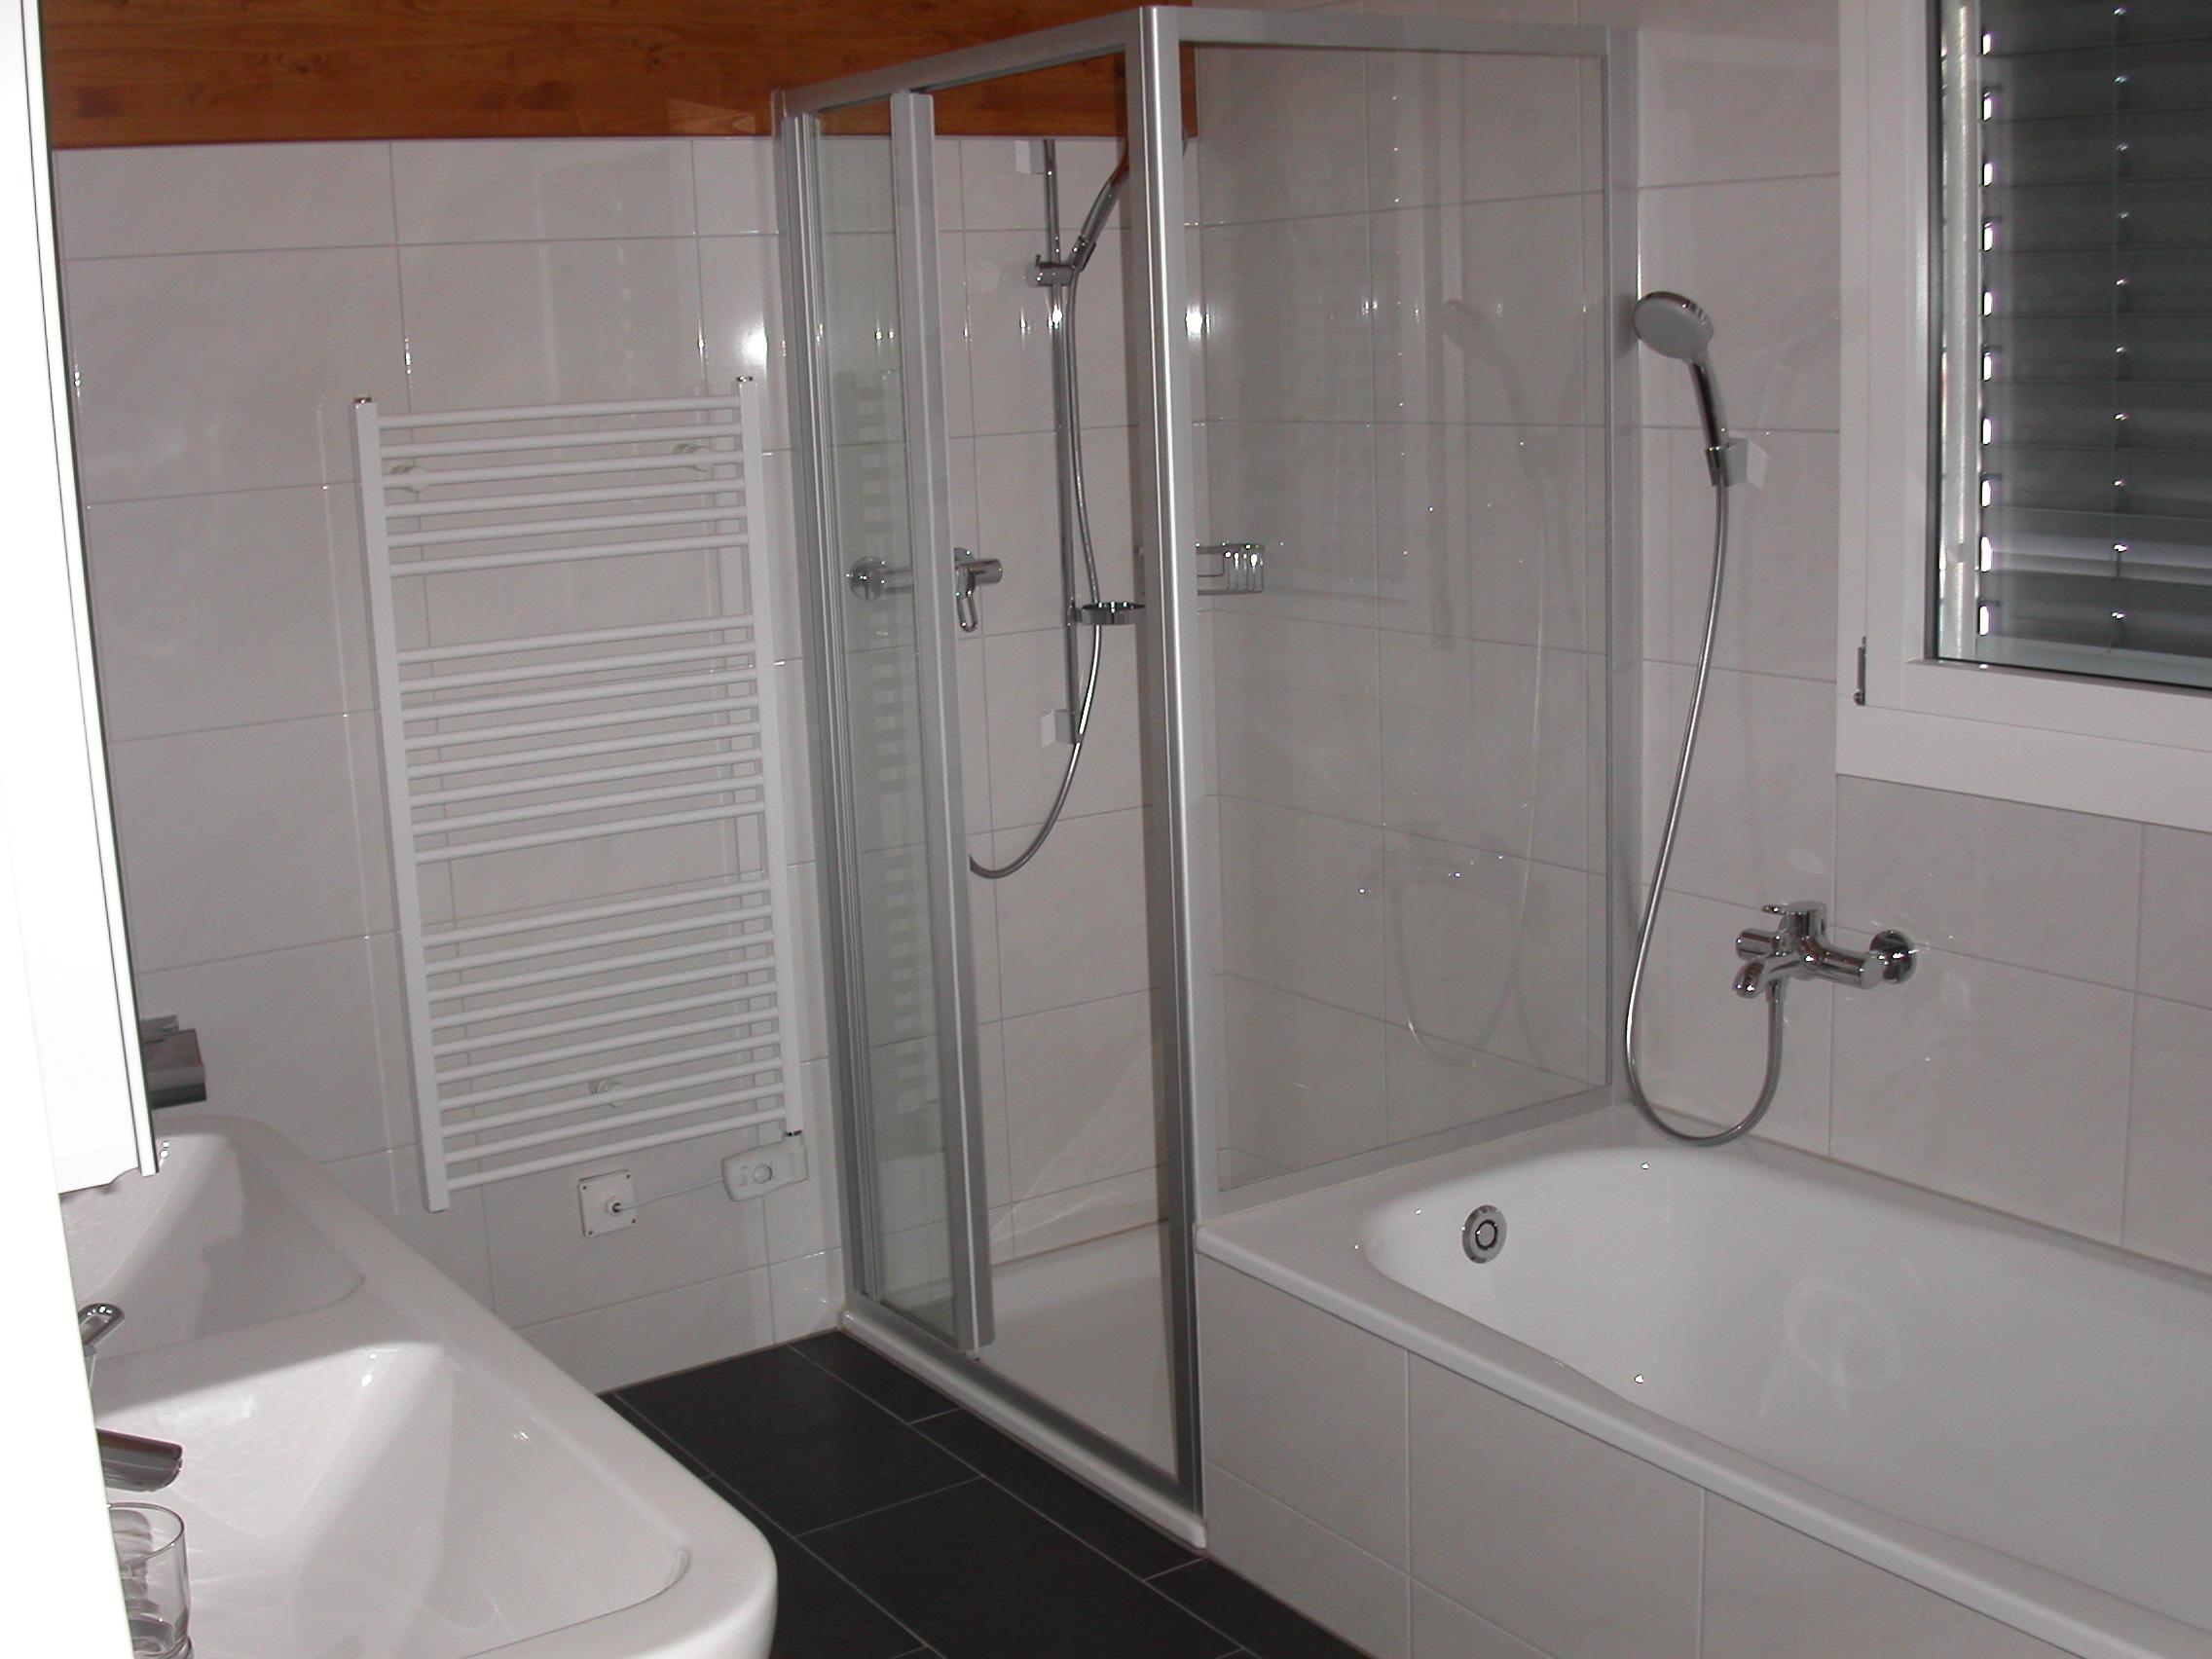 Modernes G?stebad Mit Dusche : Bad gross Badewanne/Dusche